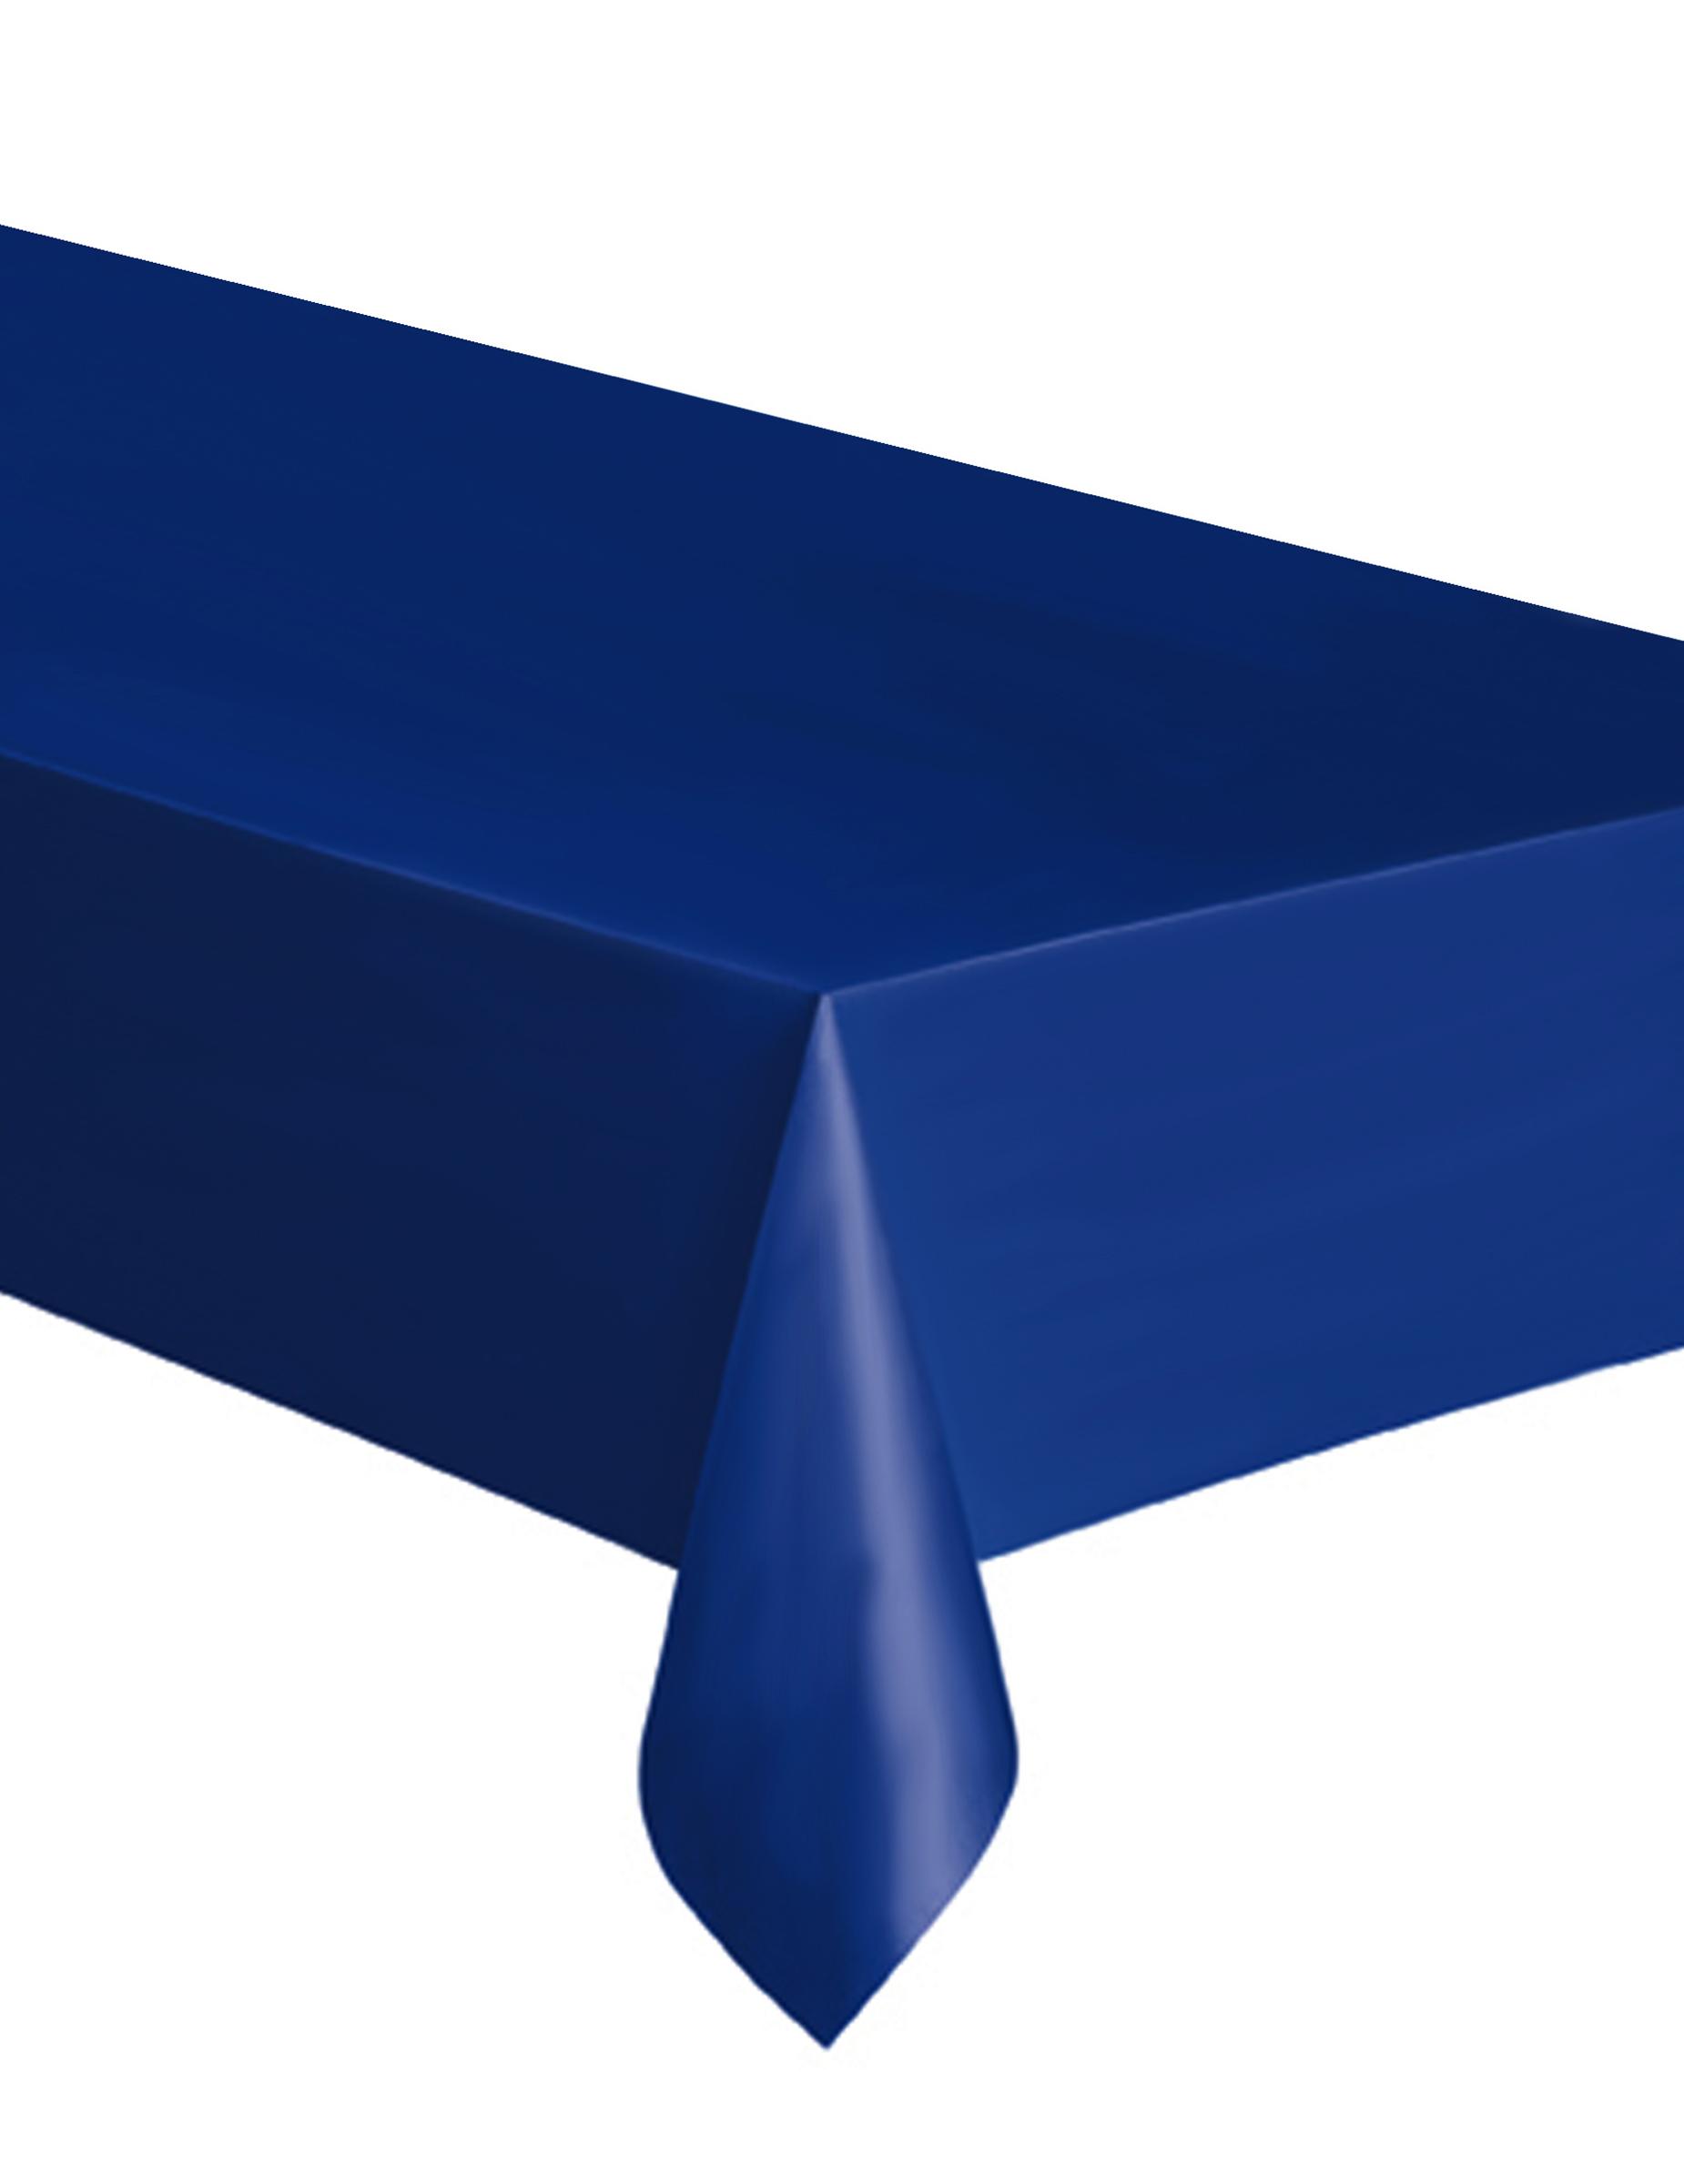 nappe en plastique bleu marine 137 x 274 cm d coration anniversaire et f tes th me sur vegaoo. Black Bedroom Furniture Sets. Home Design Ideas